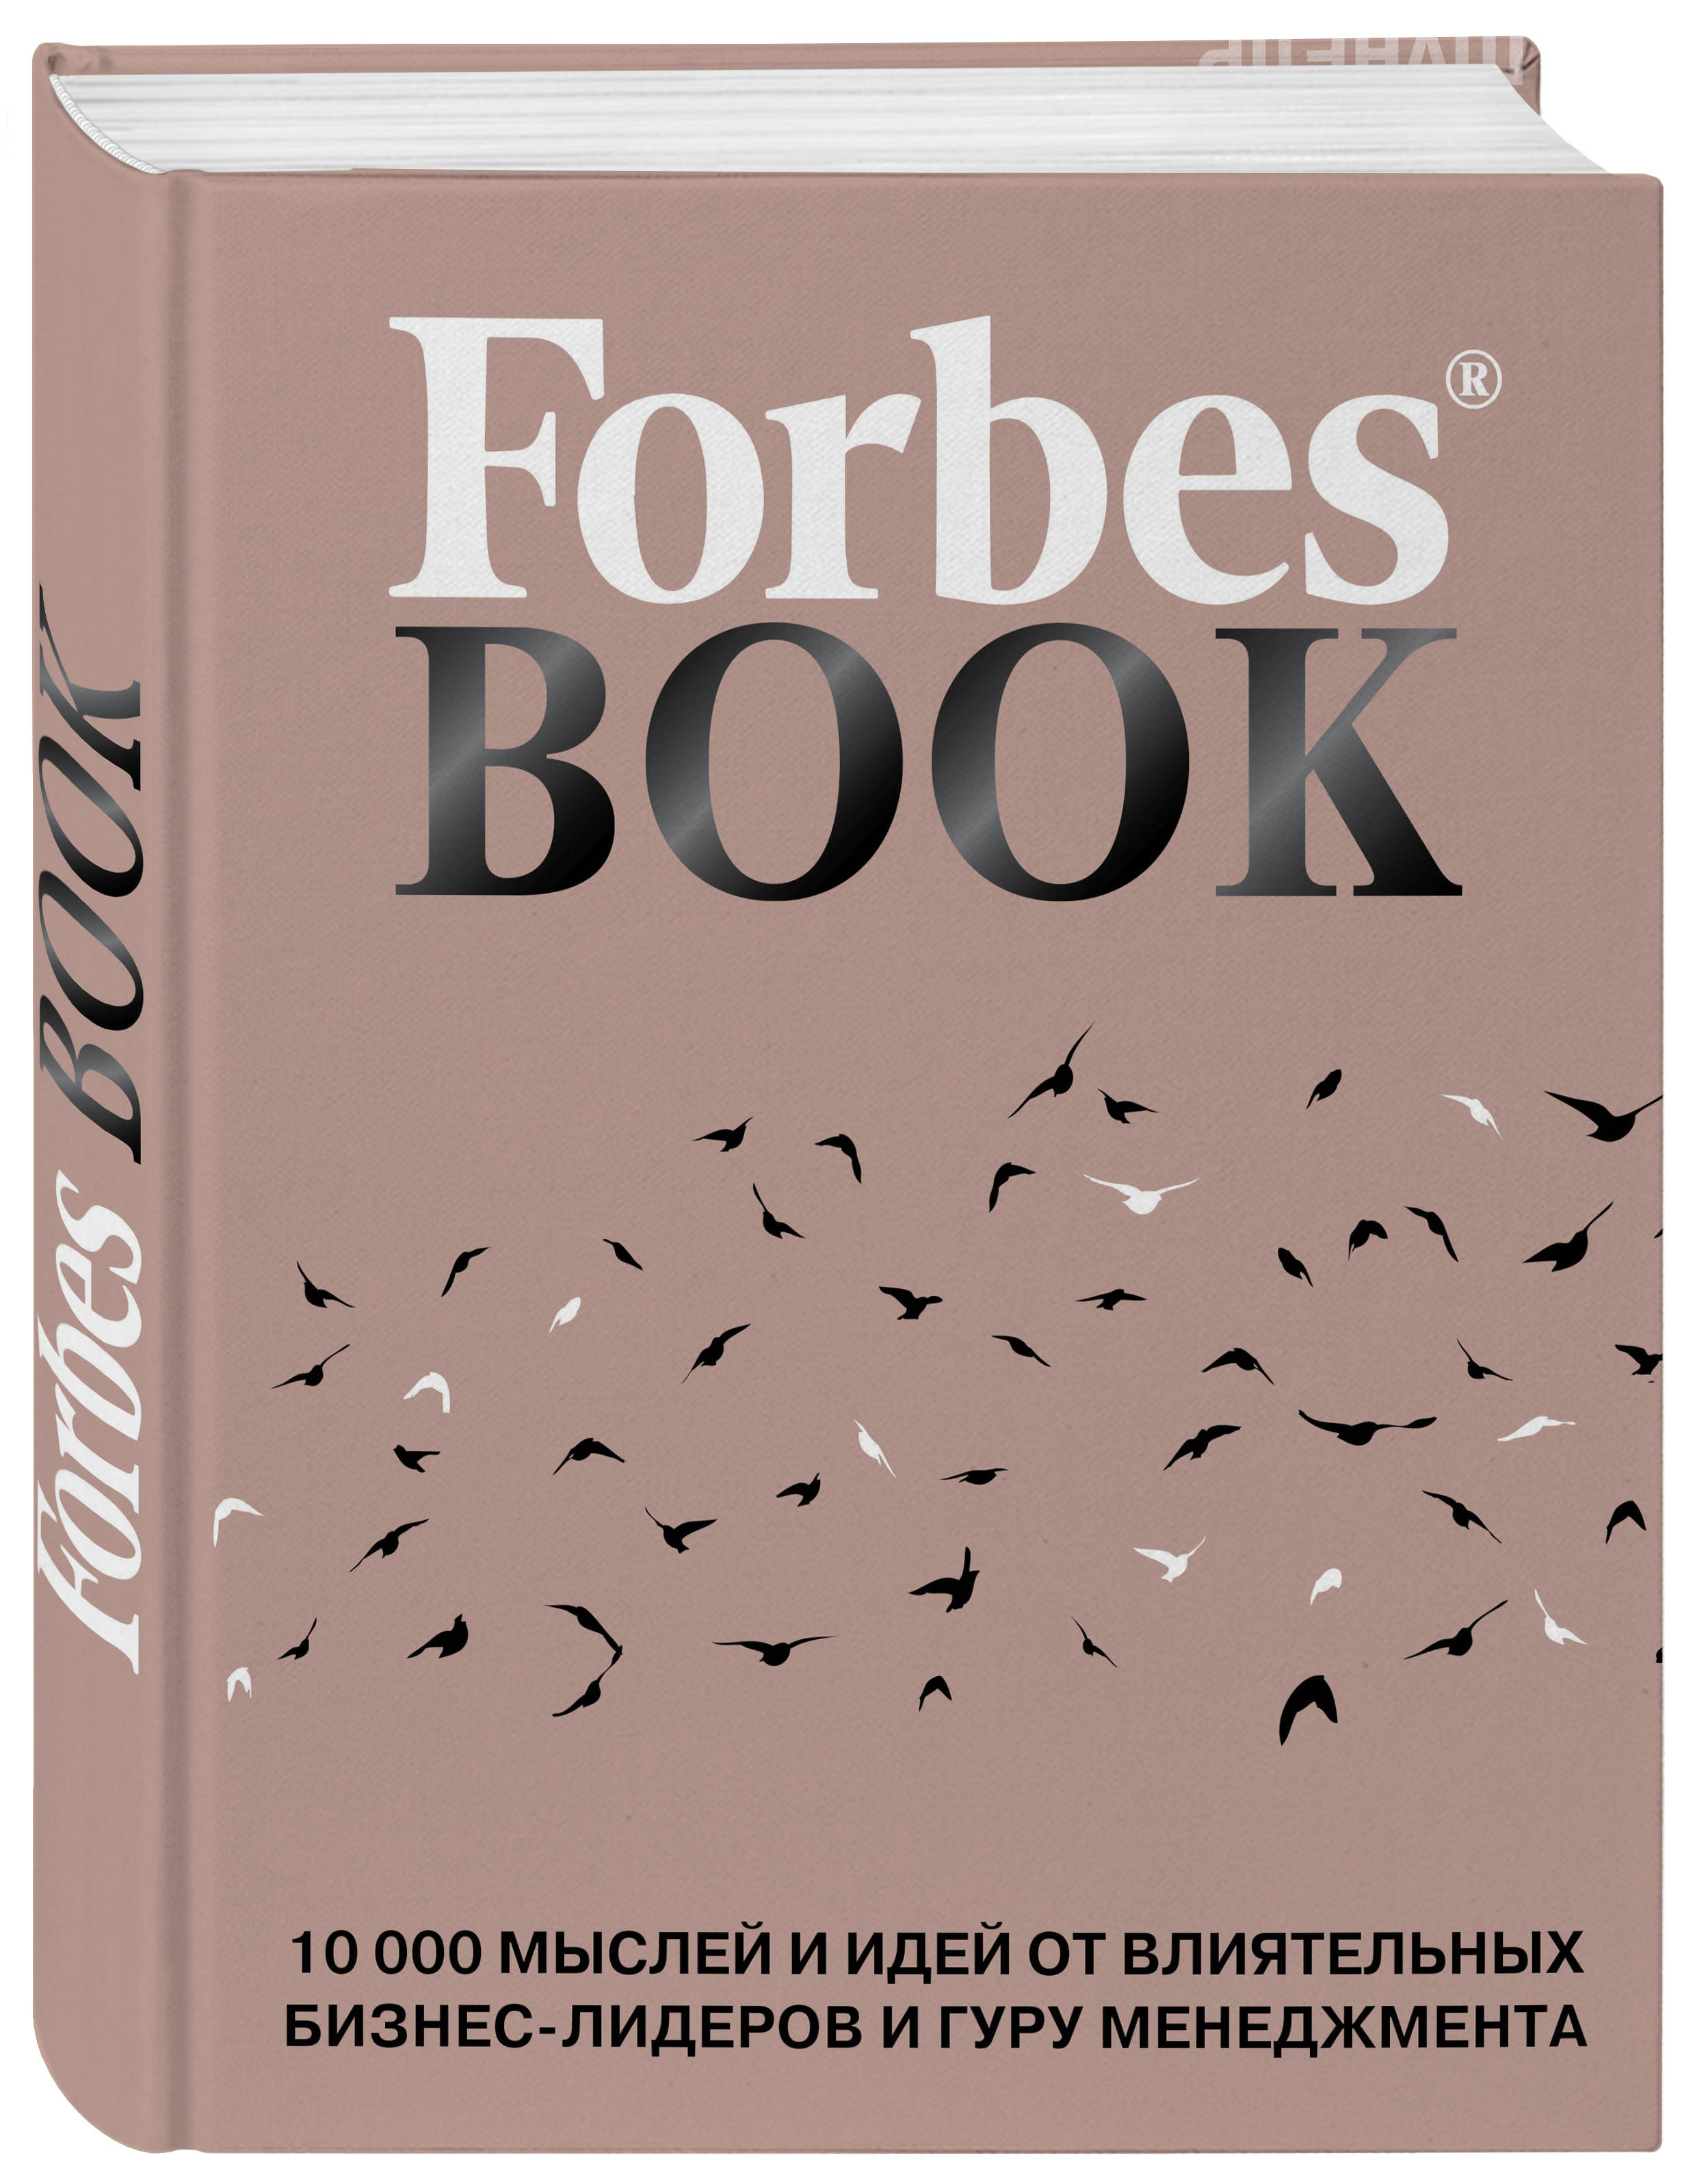 Forbes Book: 10 000 мыслей и идей от влиятельных бизнес-лидеров и гуру менеджмента (коралл) ( Гудман Тед  )